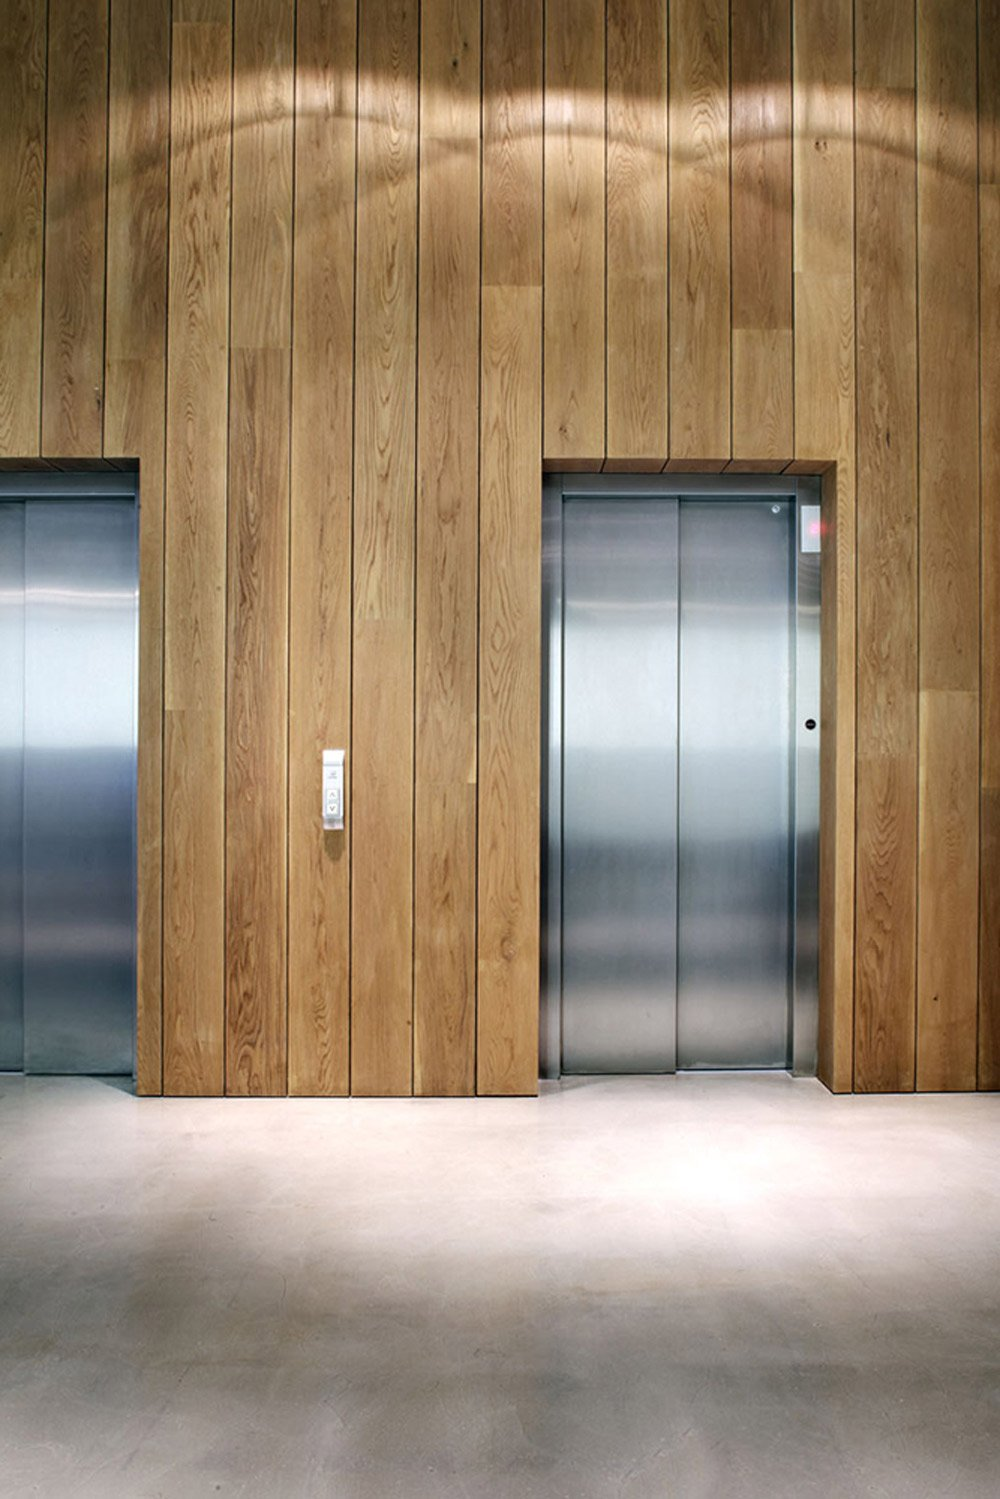 oak cladding - Architecture and Design